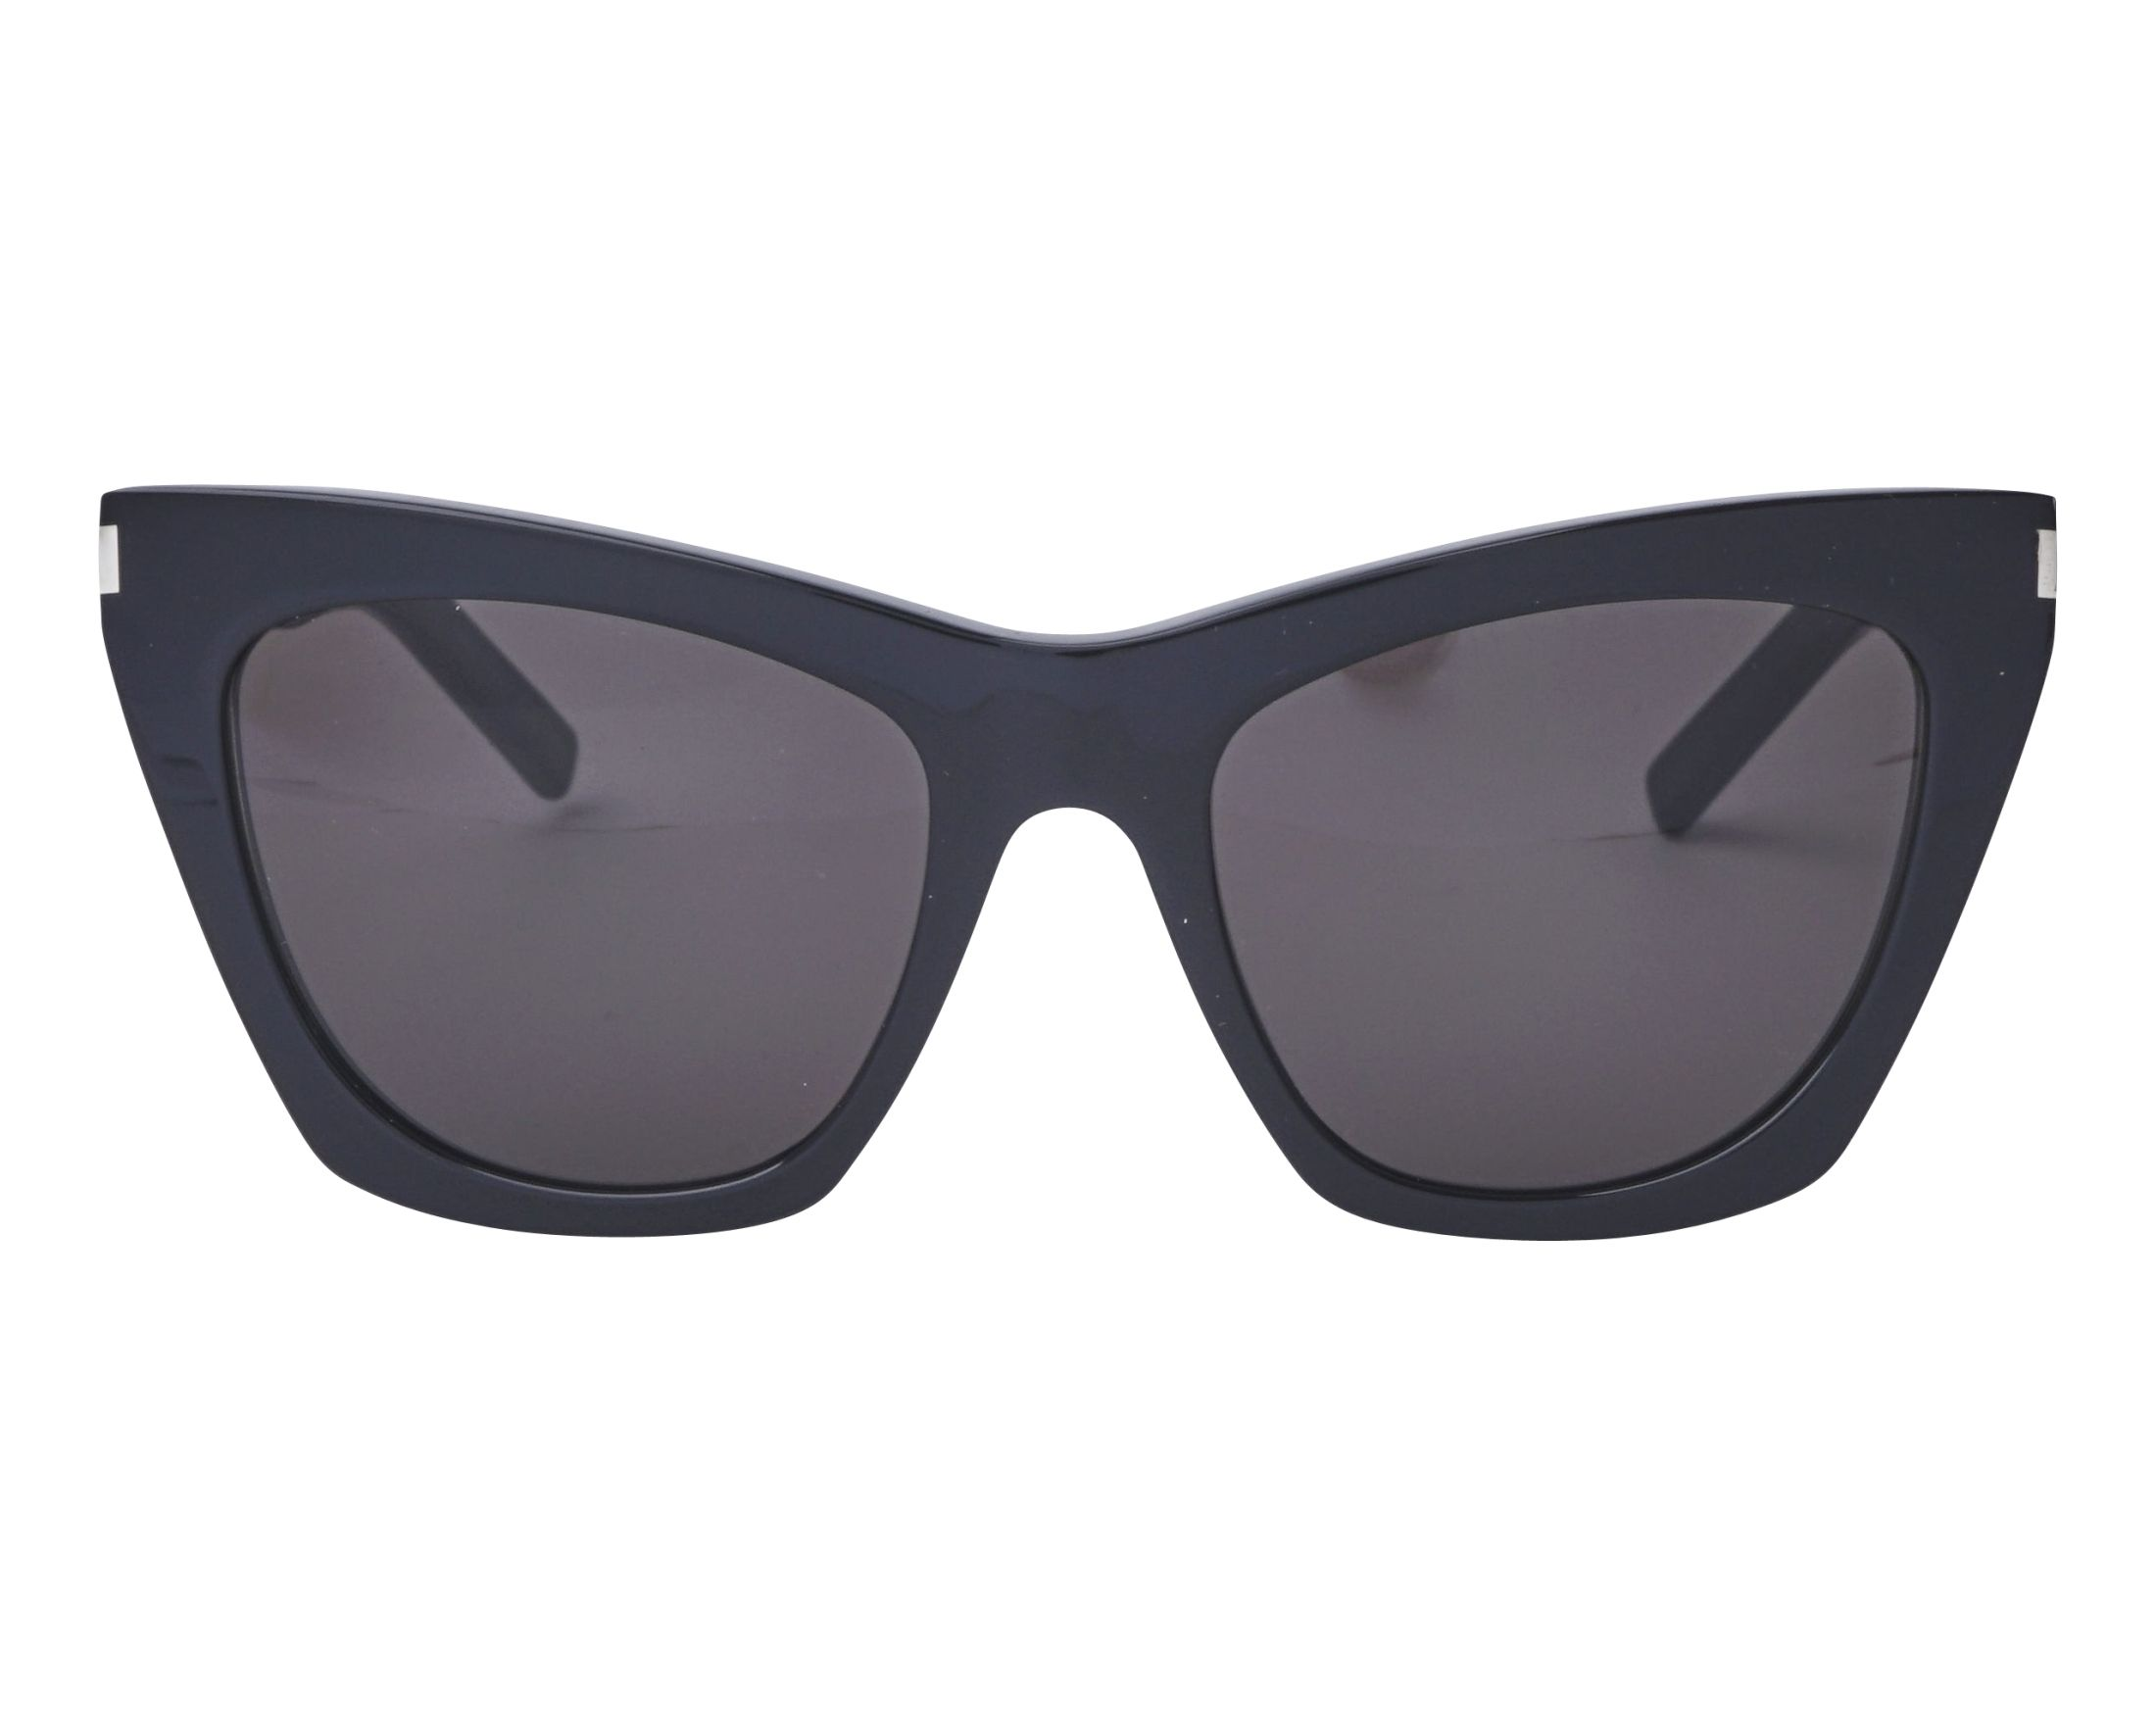 e14e9d31437 Sunglasses Yves Saint Laurent SL-214 001 55-20 Black front view